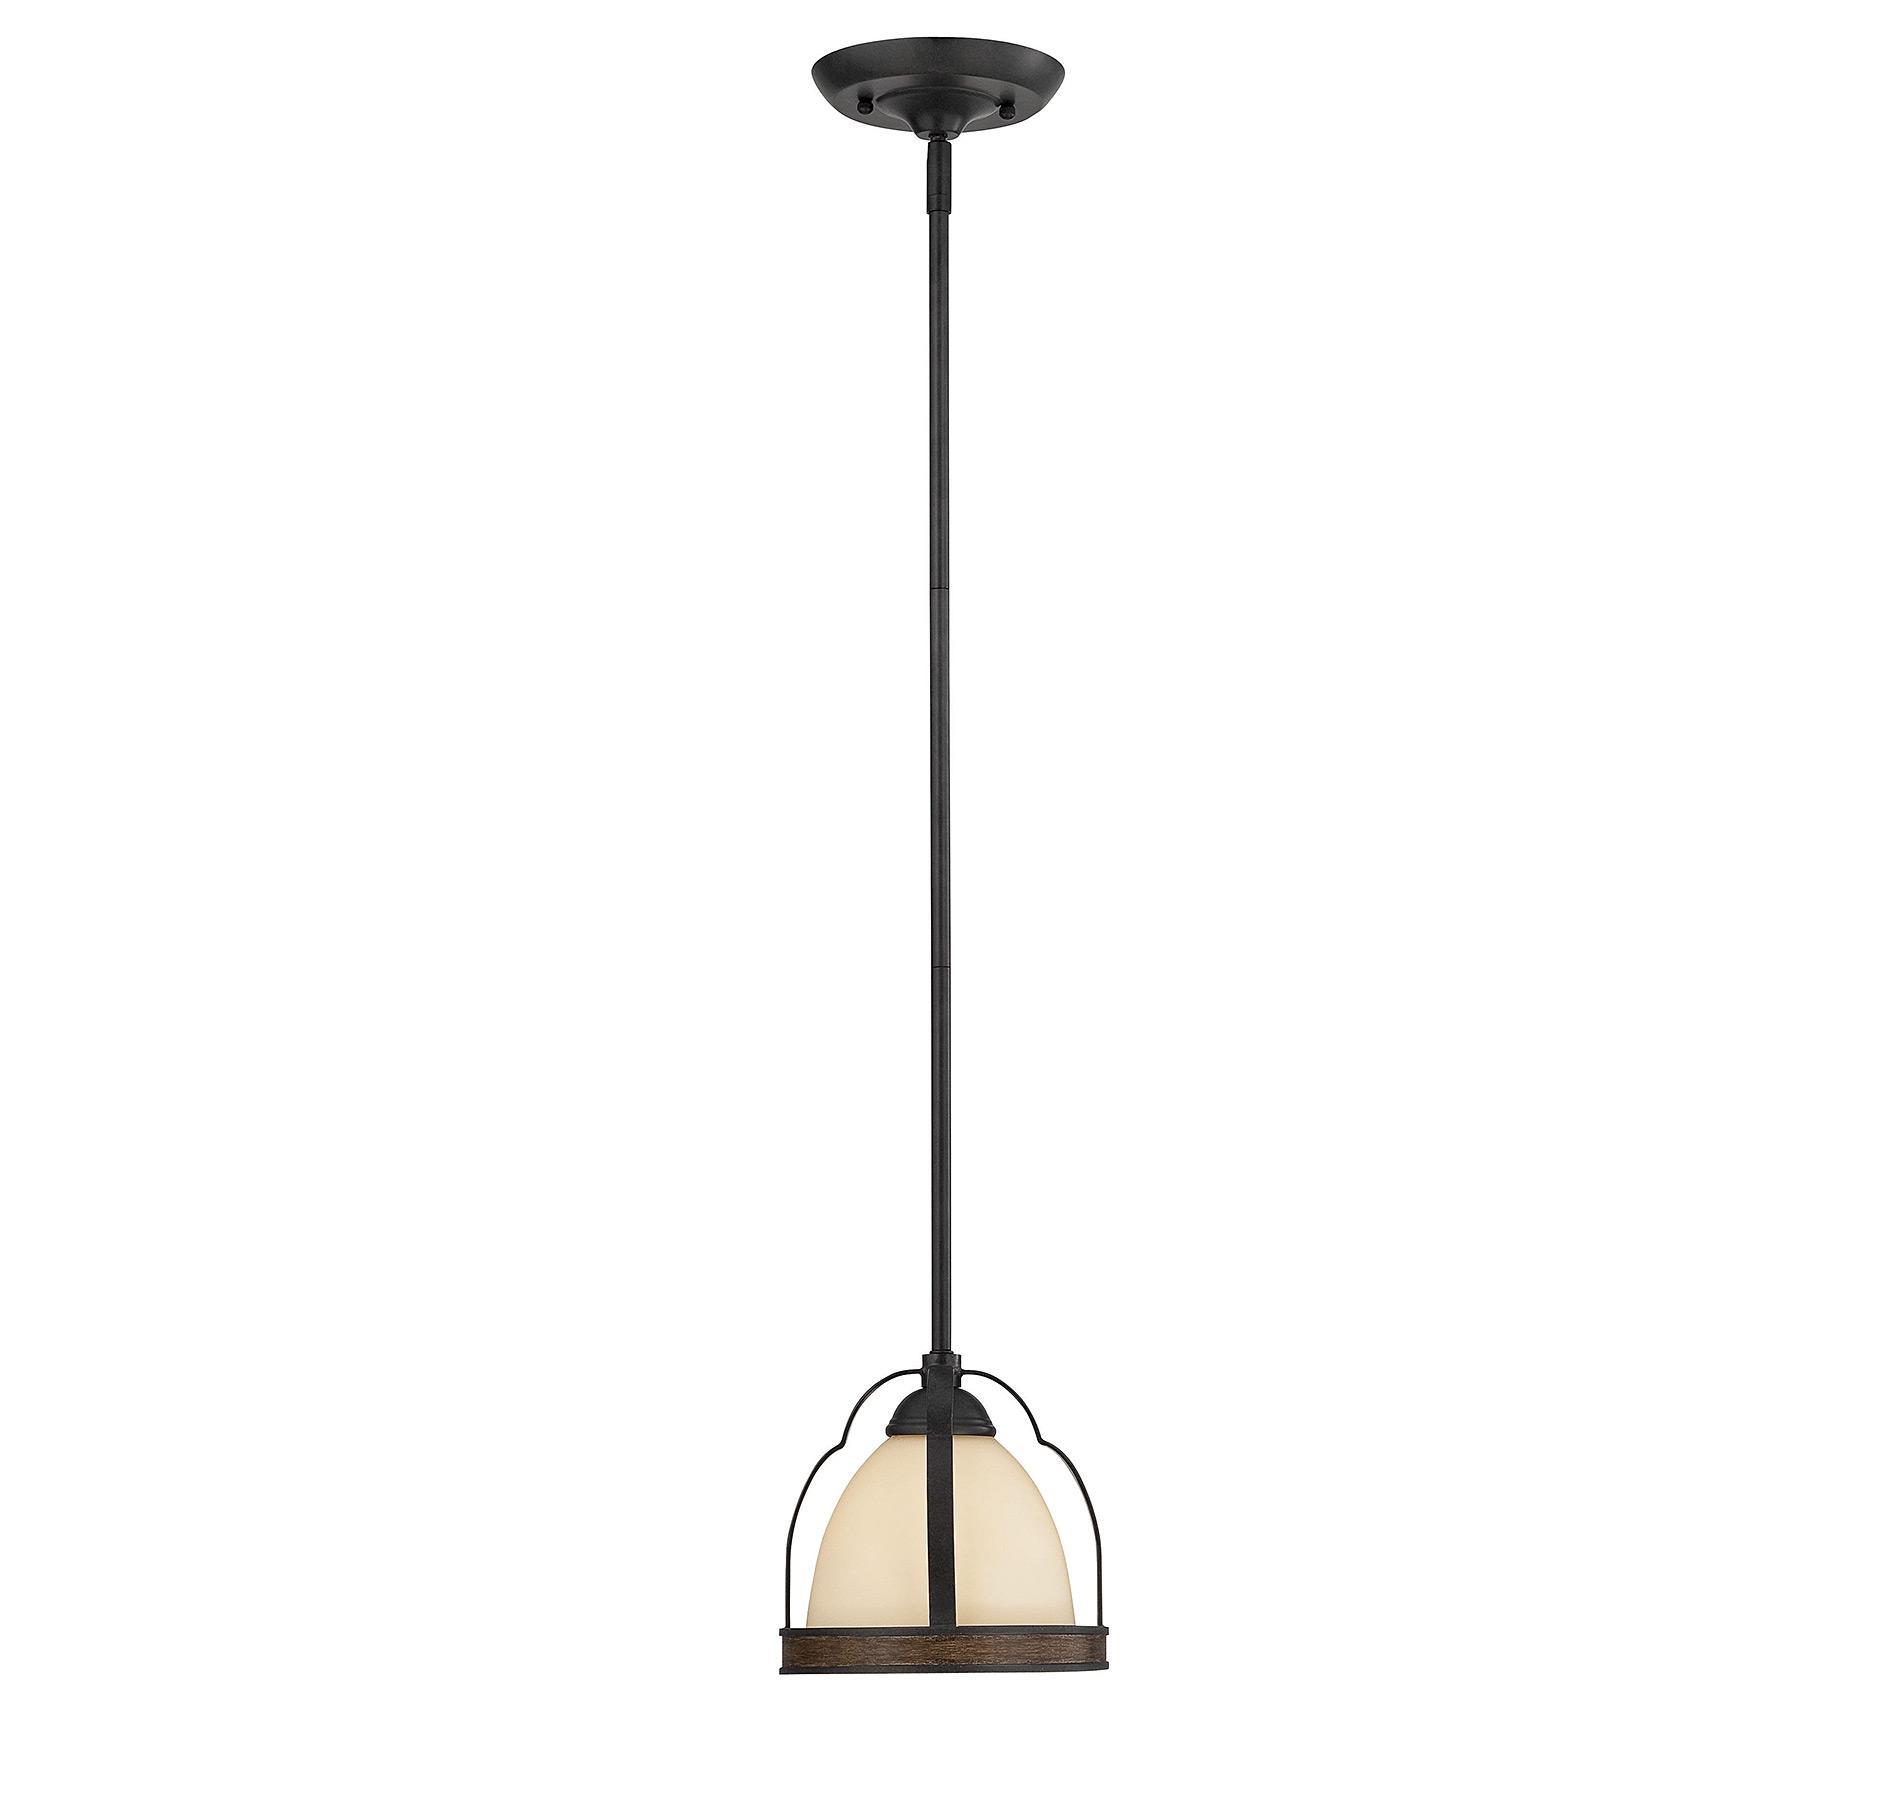 Классический подвесной мини-светильник Kelsey